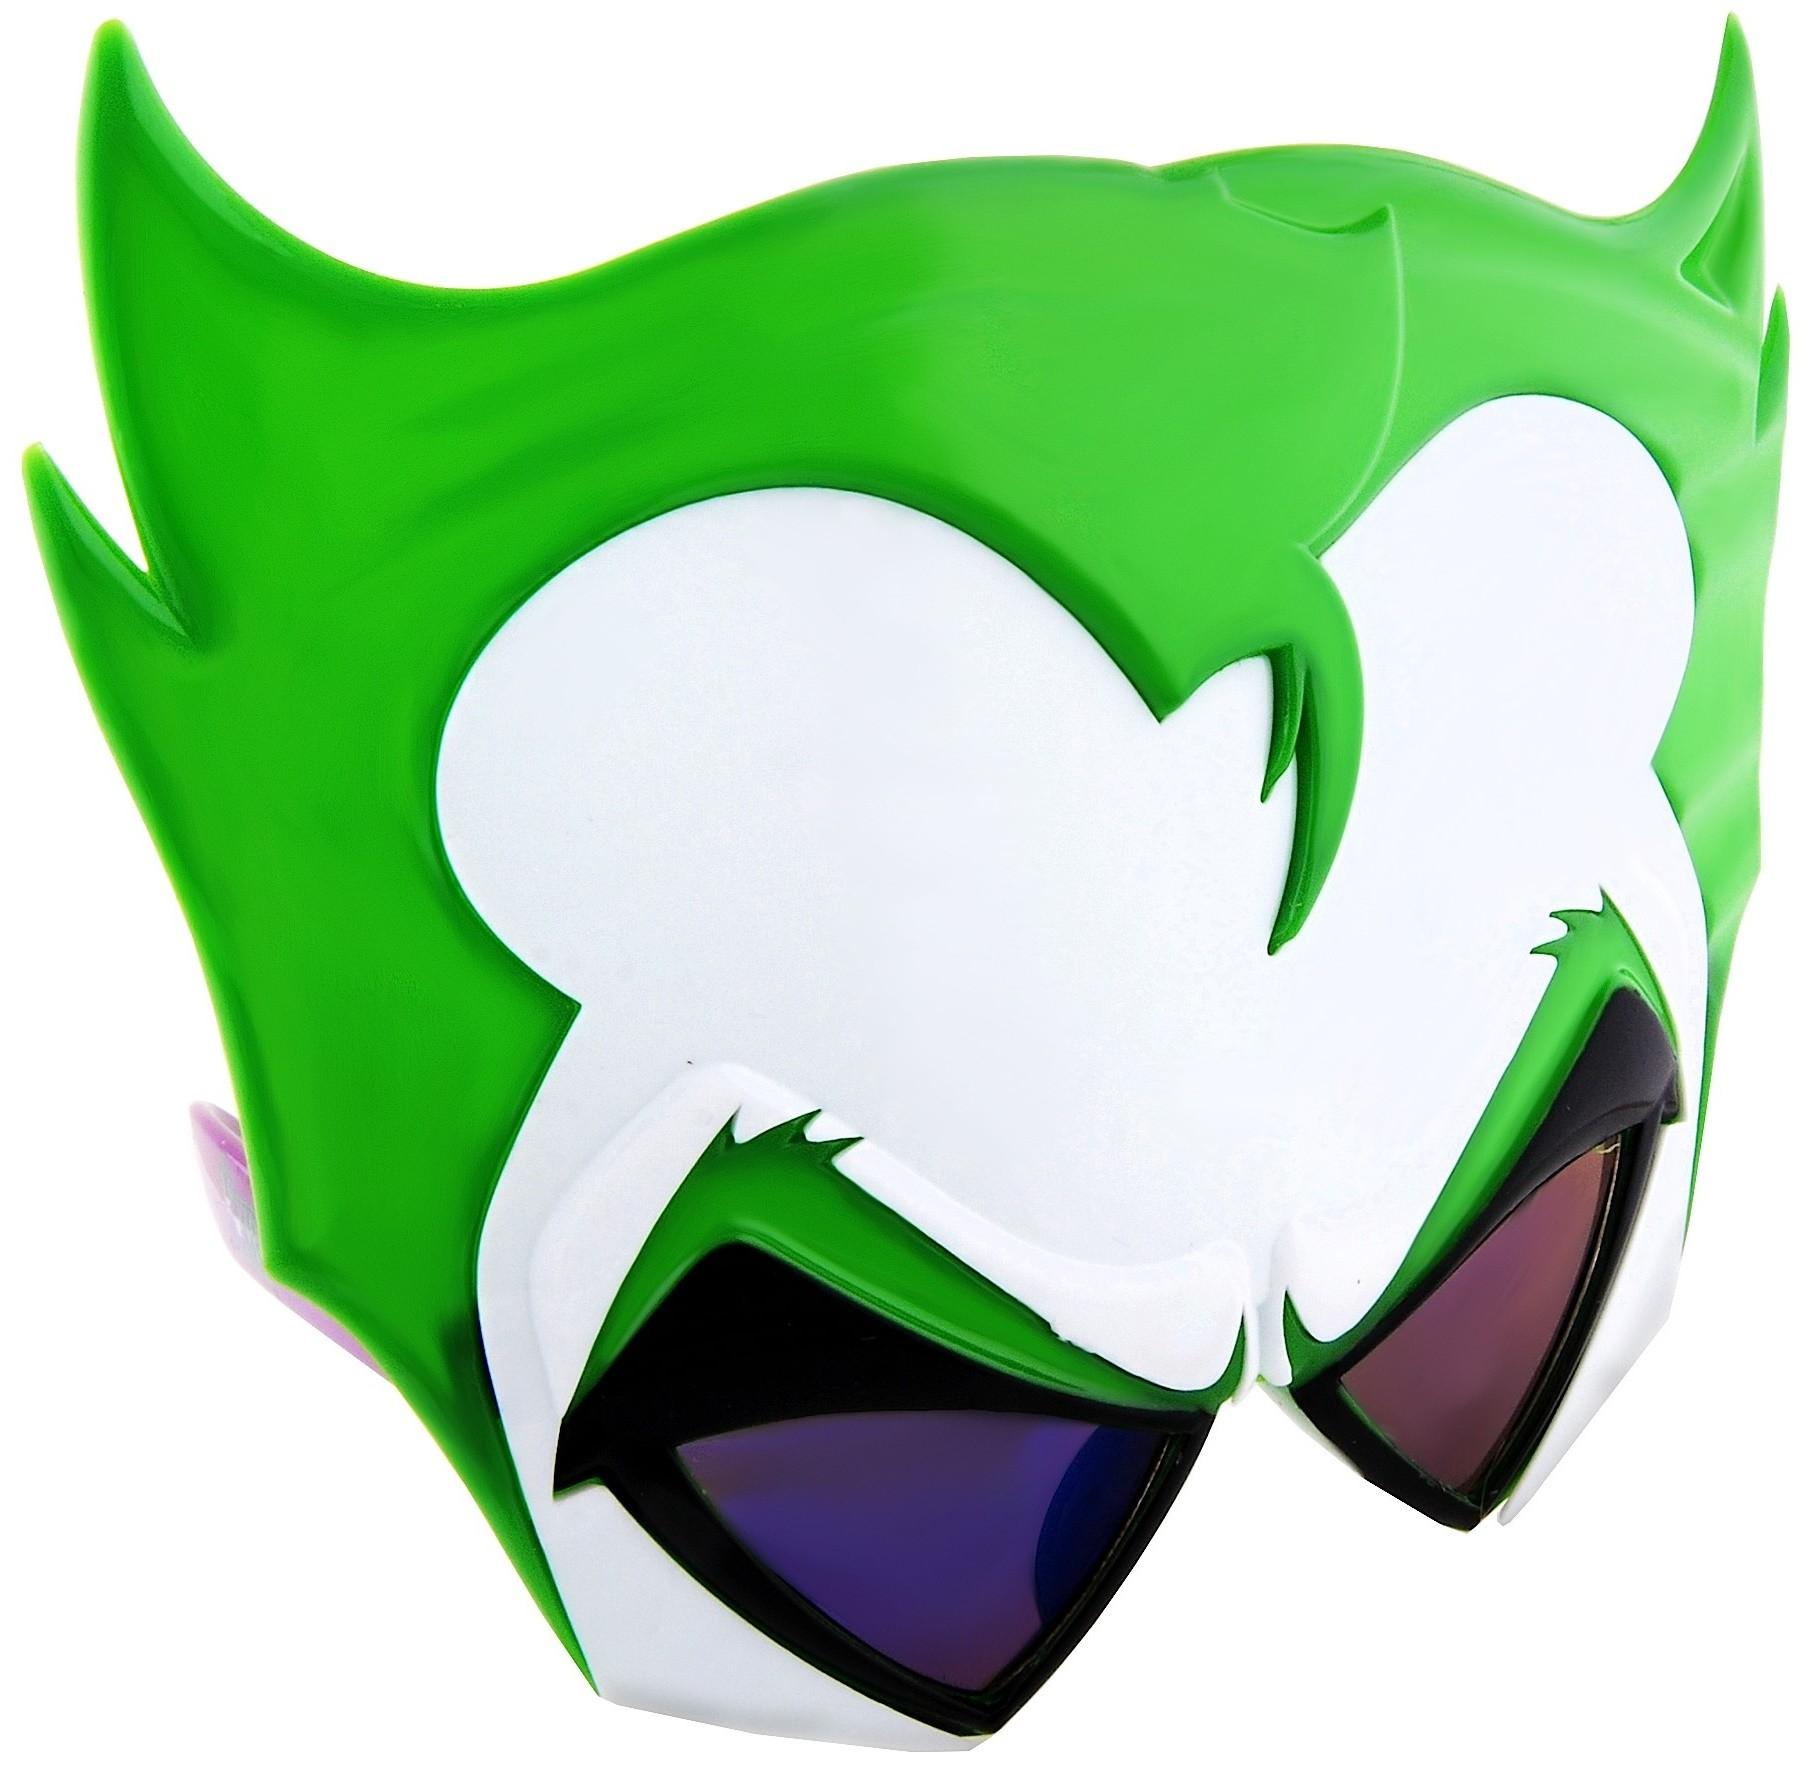 Joker clipart supe villain Staches Super Joker Villain Super